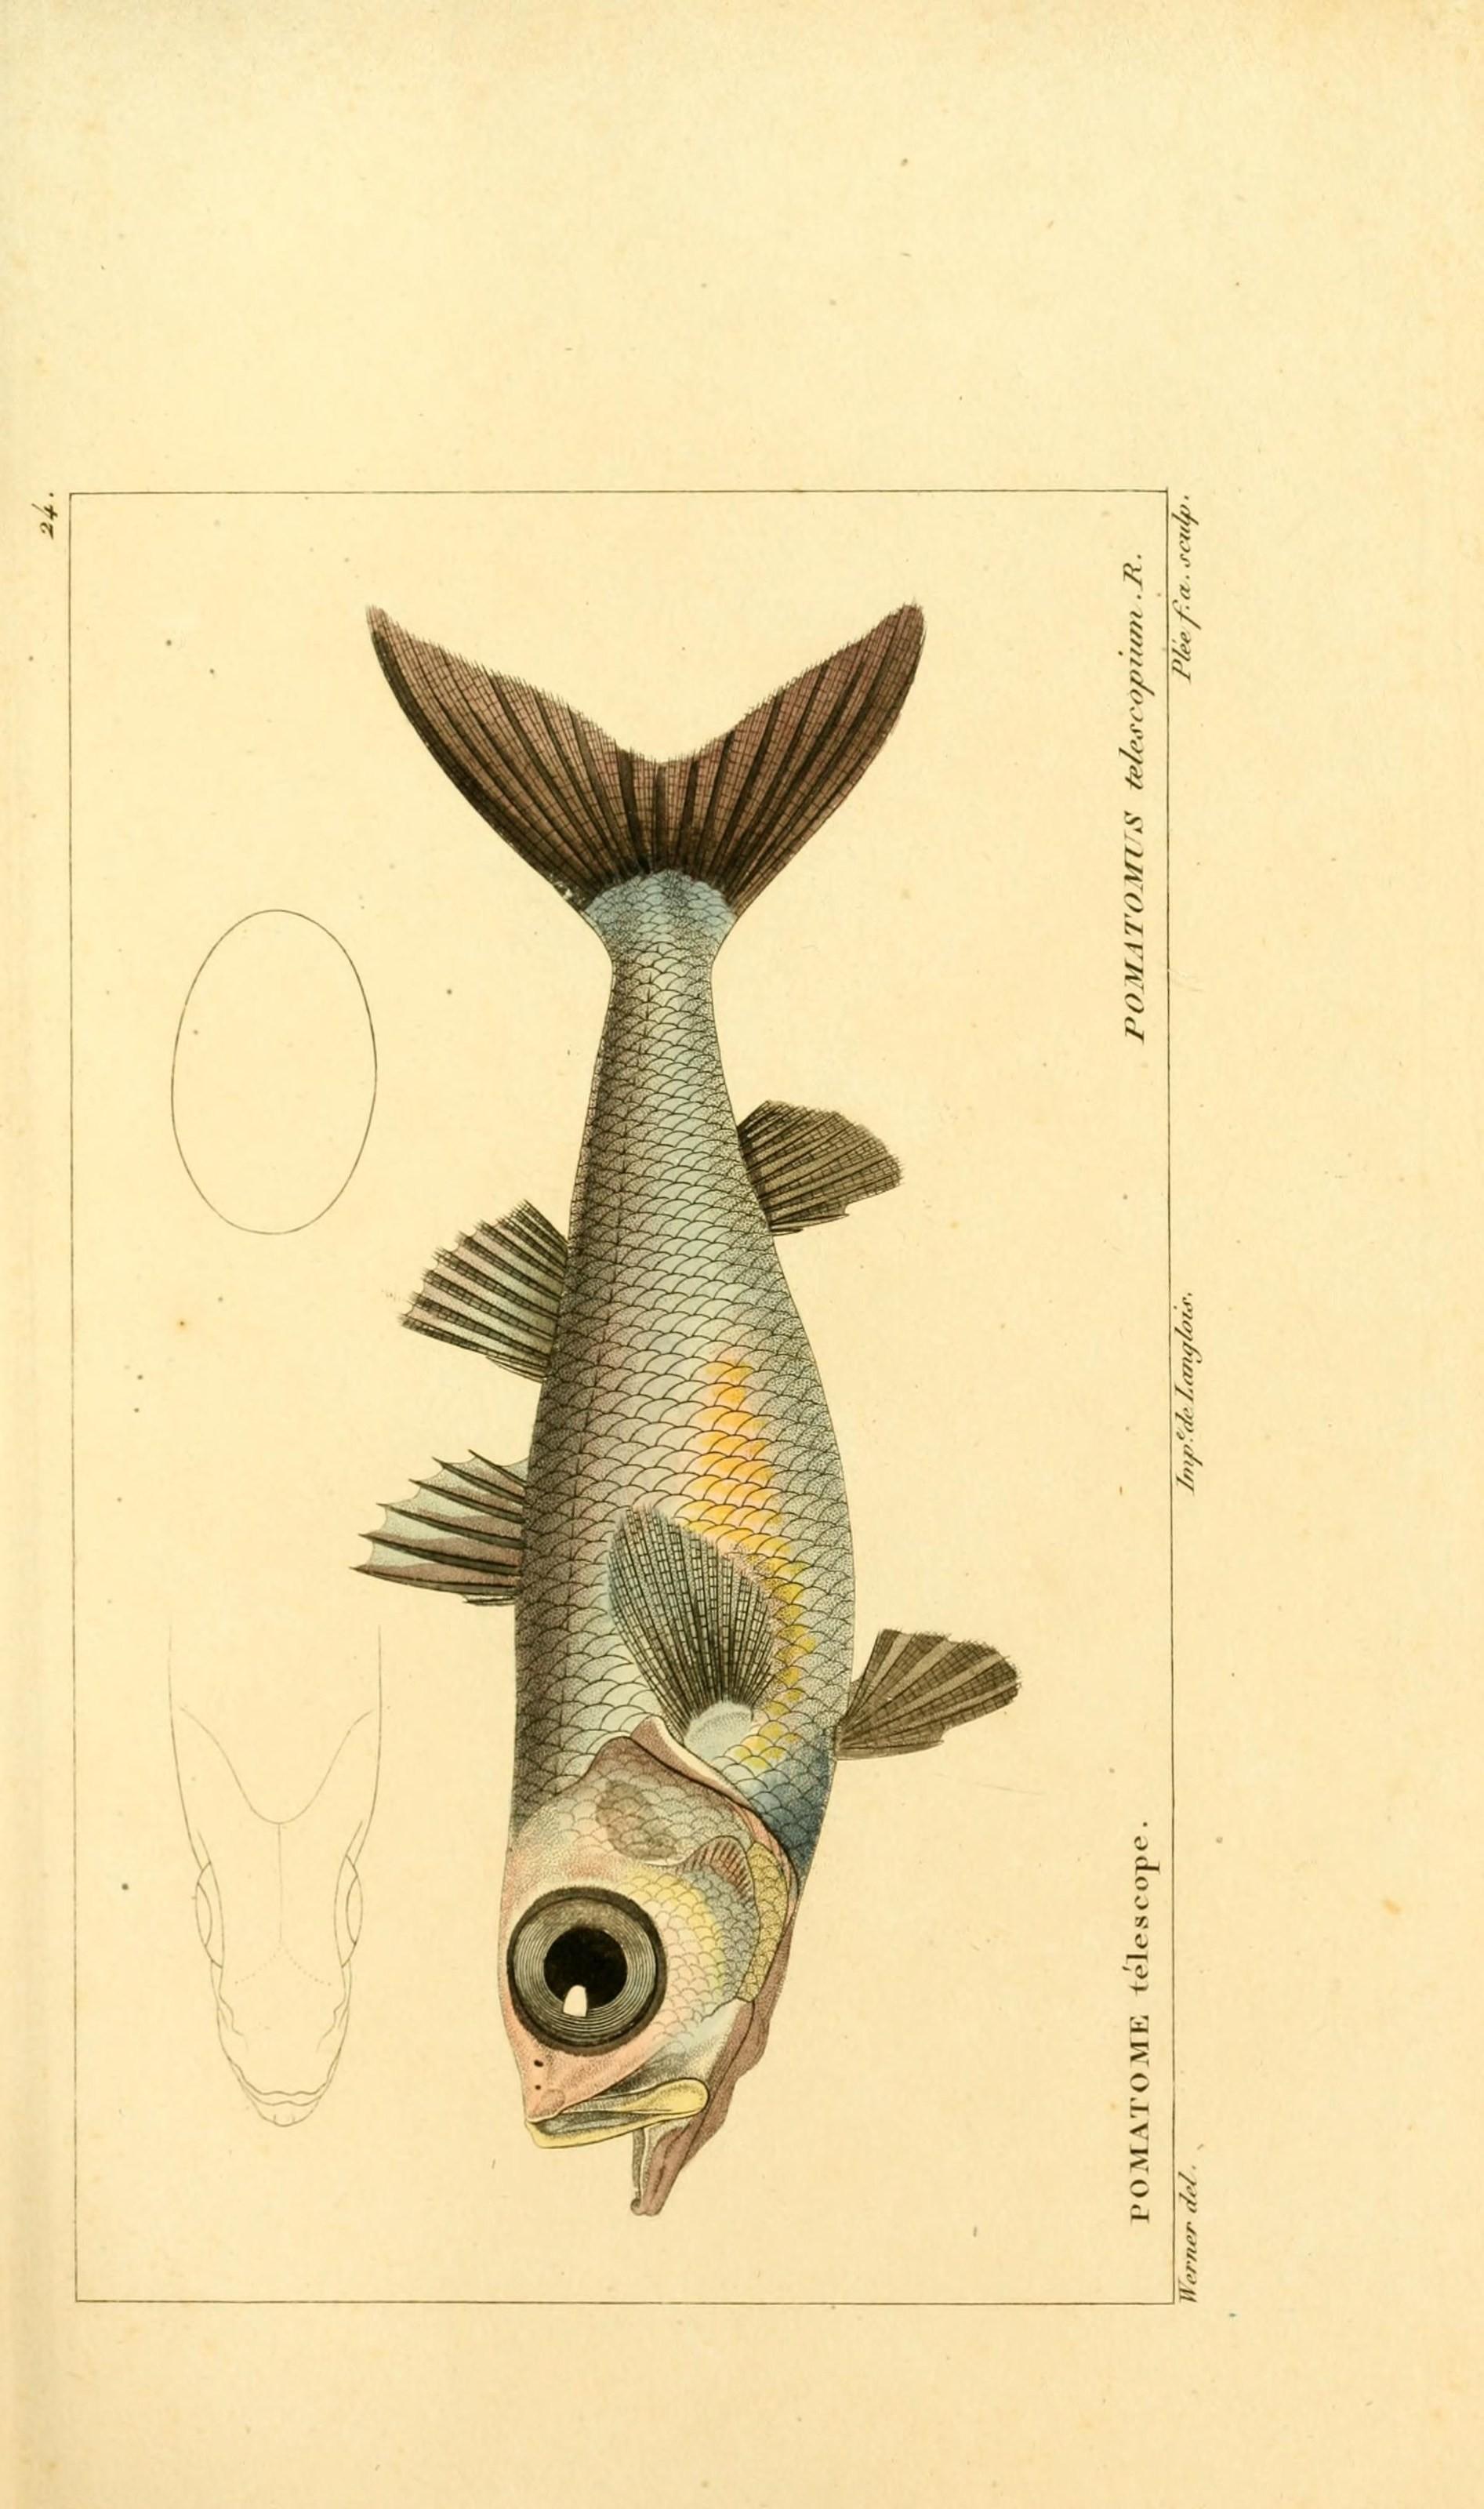 Image of Bigeye